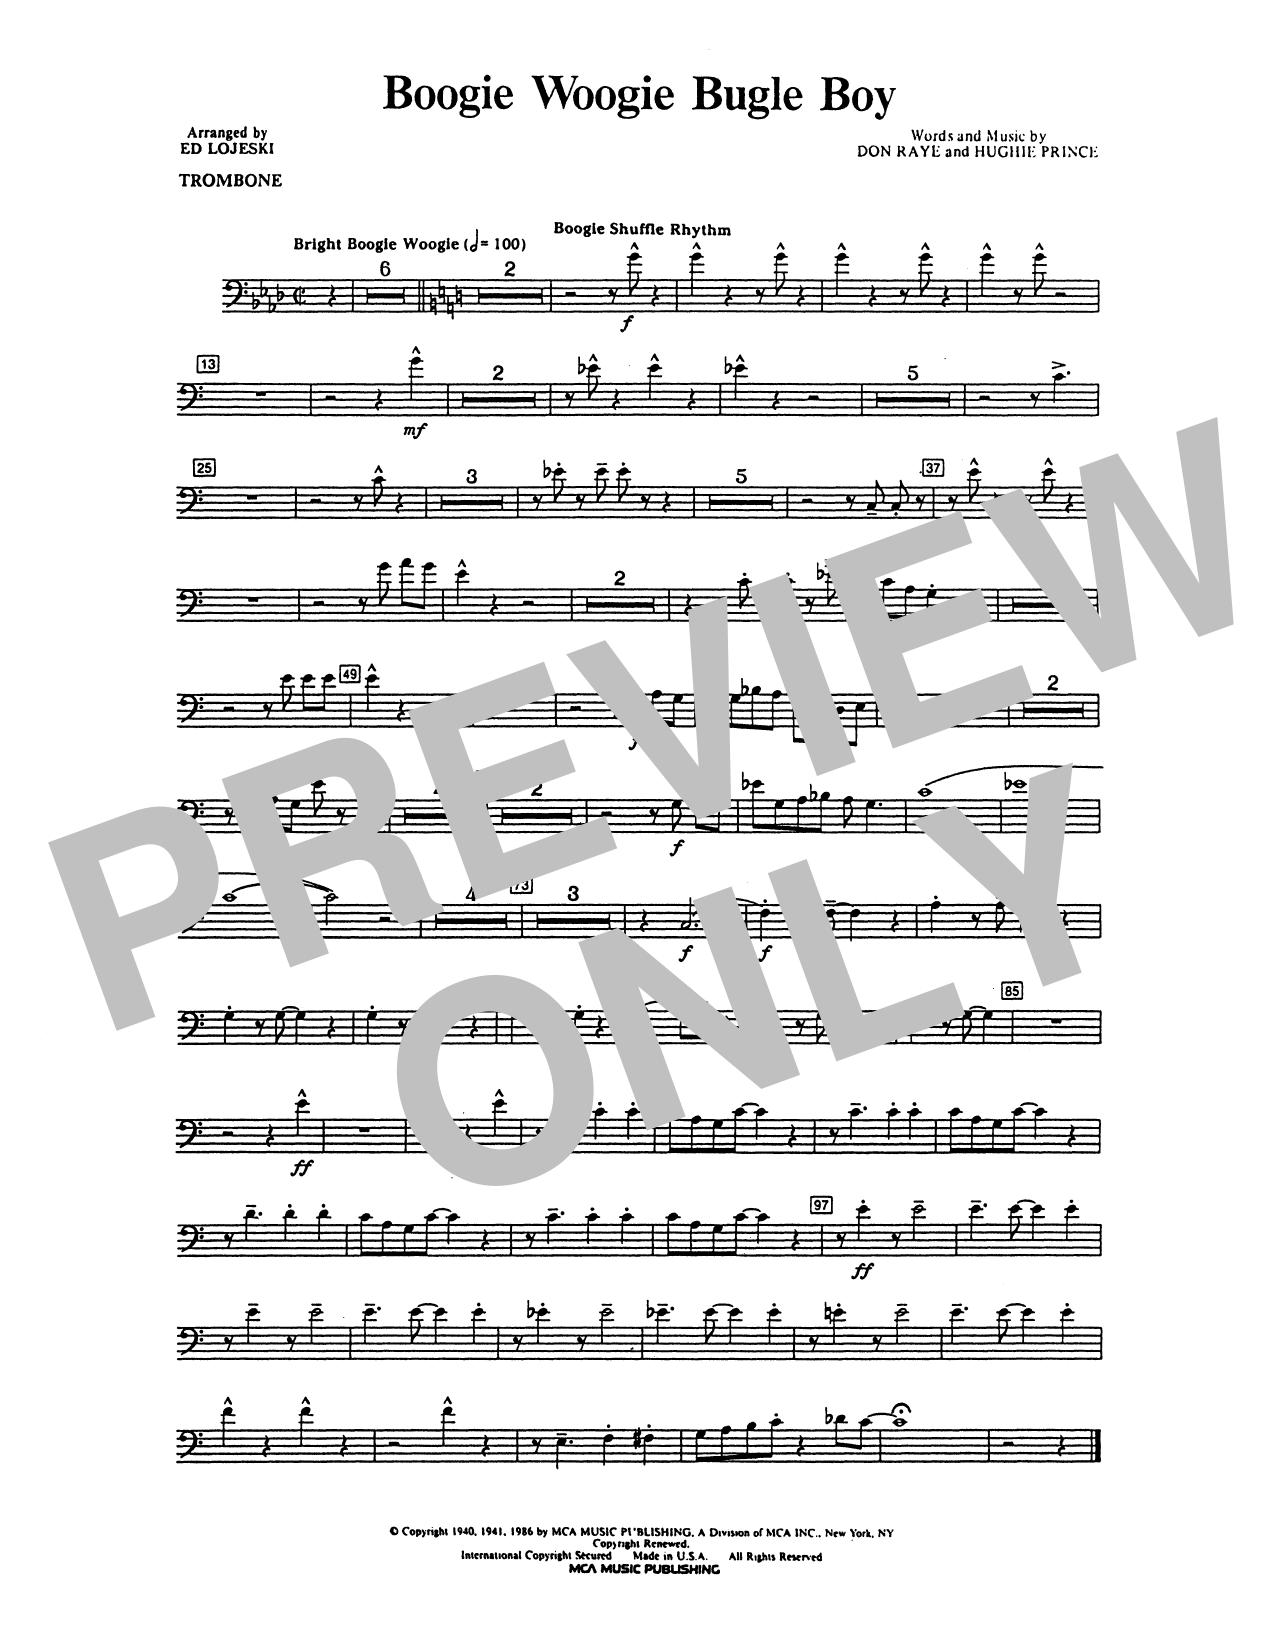 Andrews Sisters - Boogie Woogie Bugle Boy - Trombone